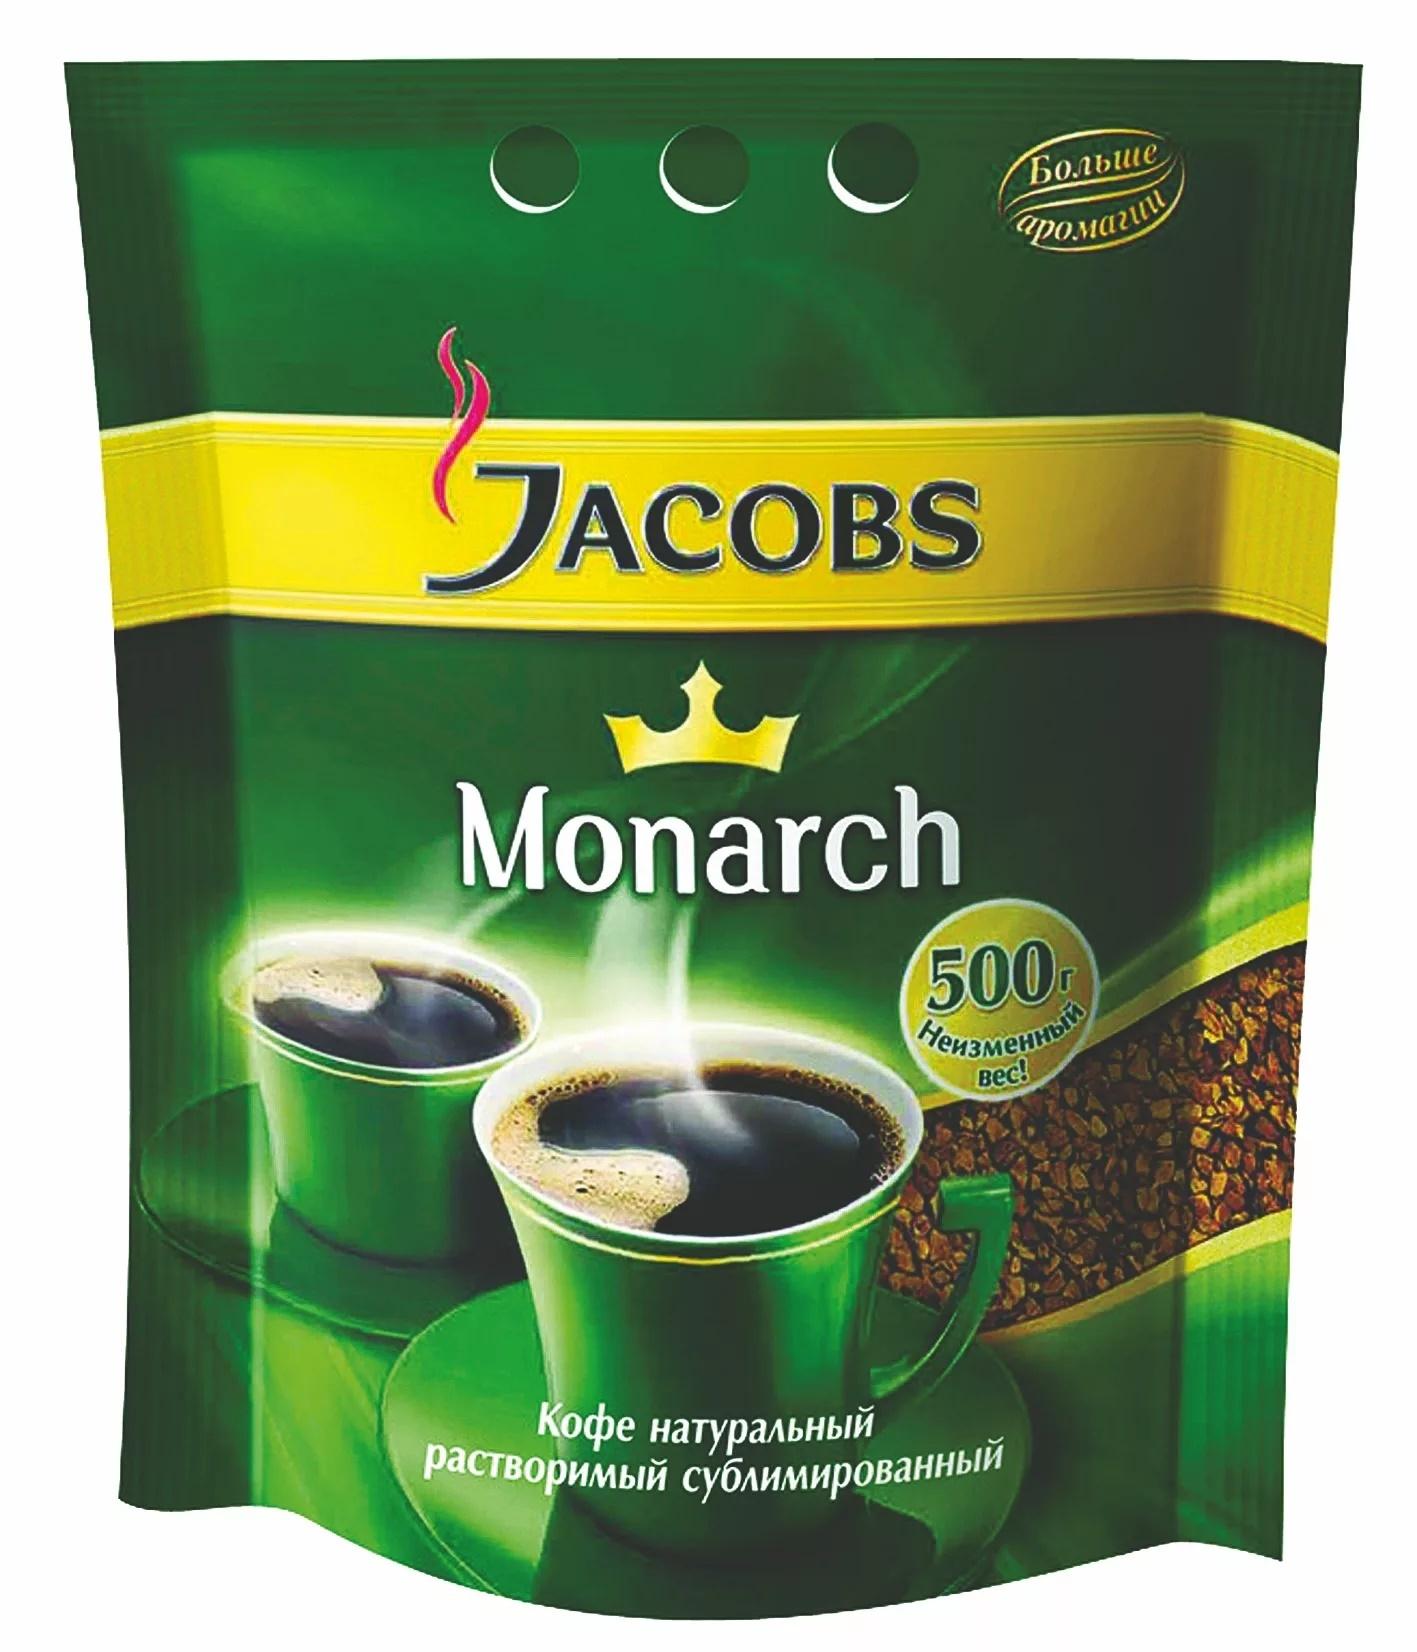 Кофе растворимый Jacobs Monarch 500гр